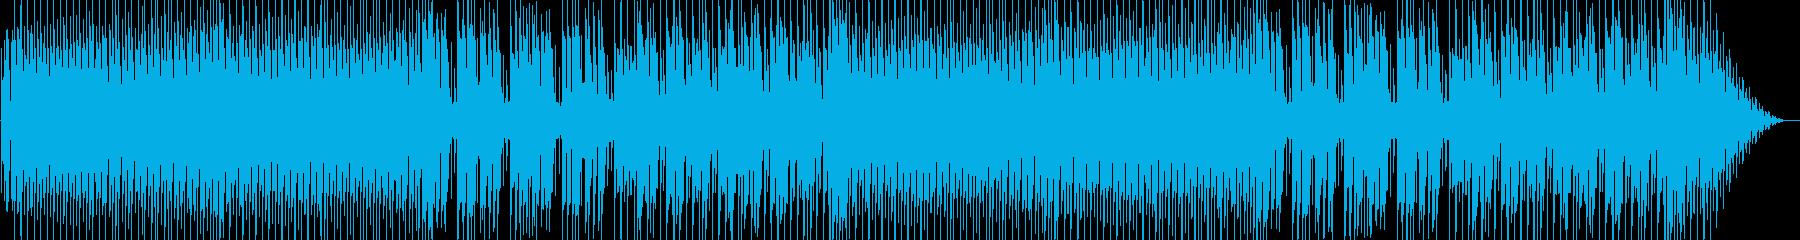 疾走感にあるシンセポップテクノ系の再生済みの波形